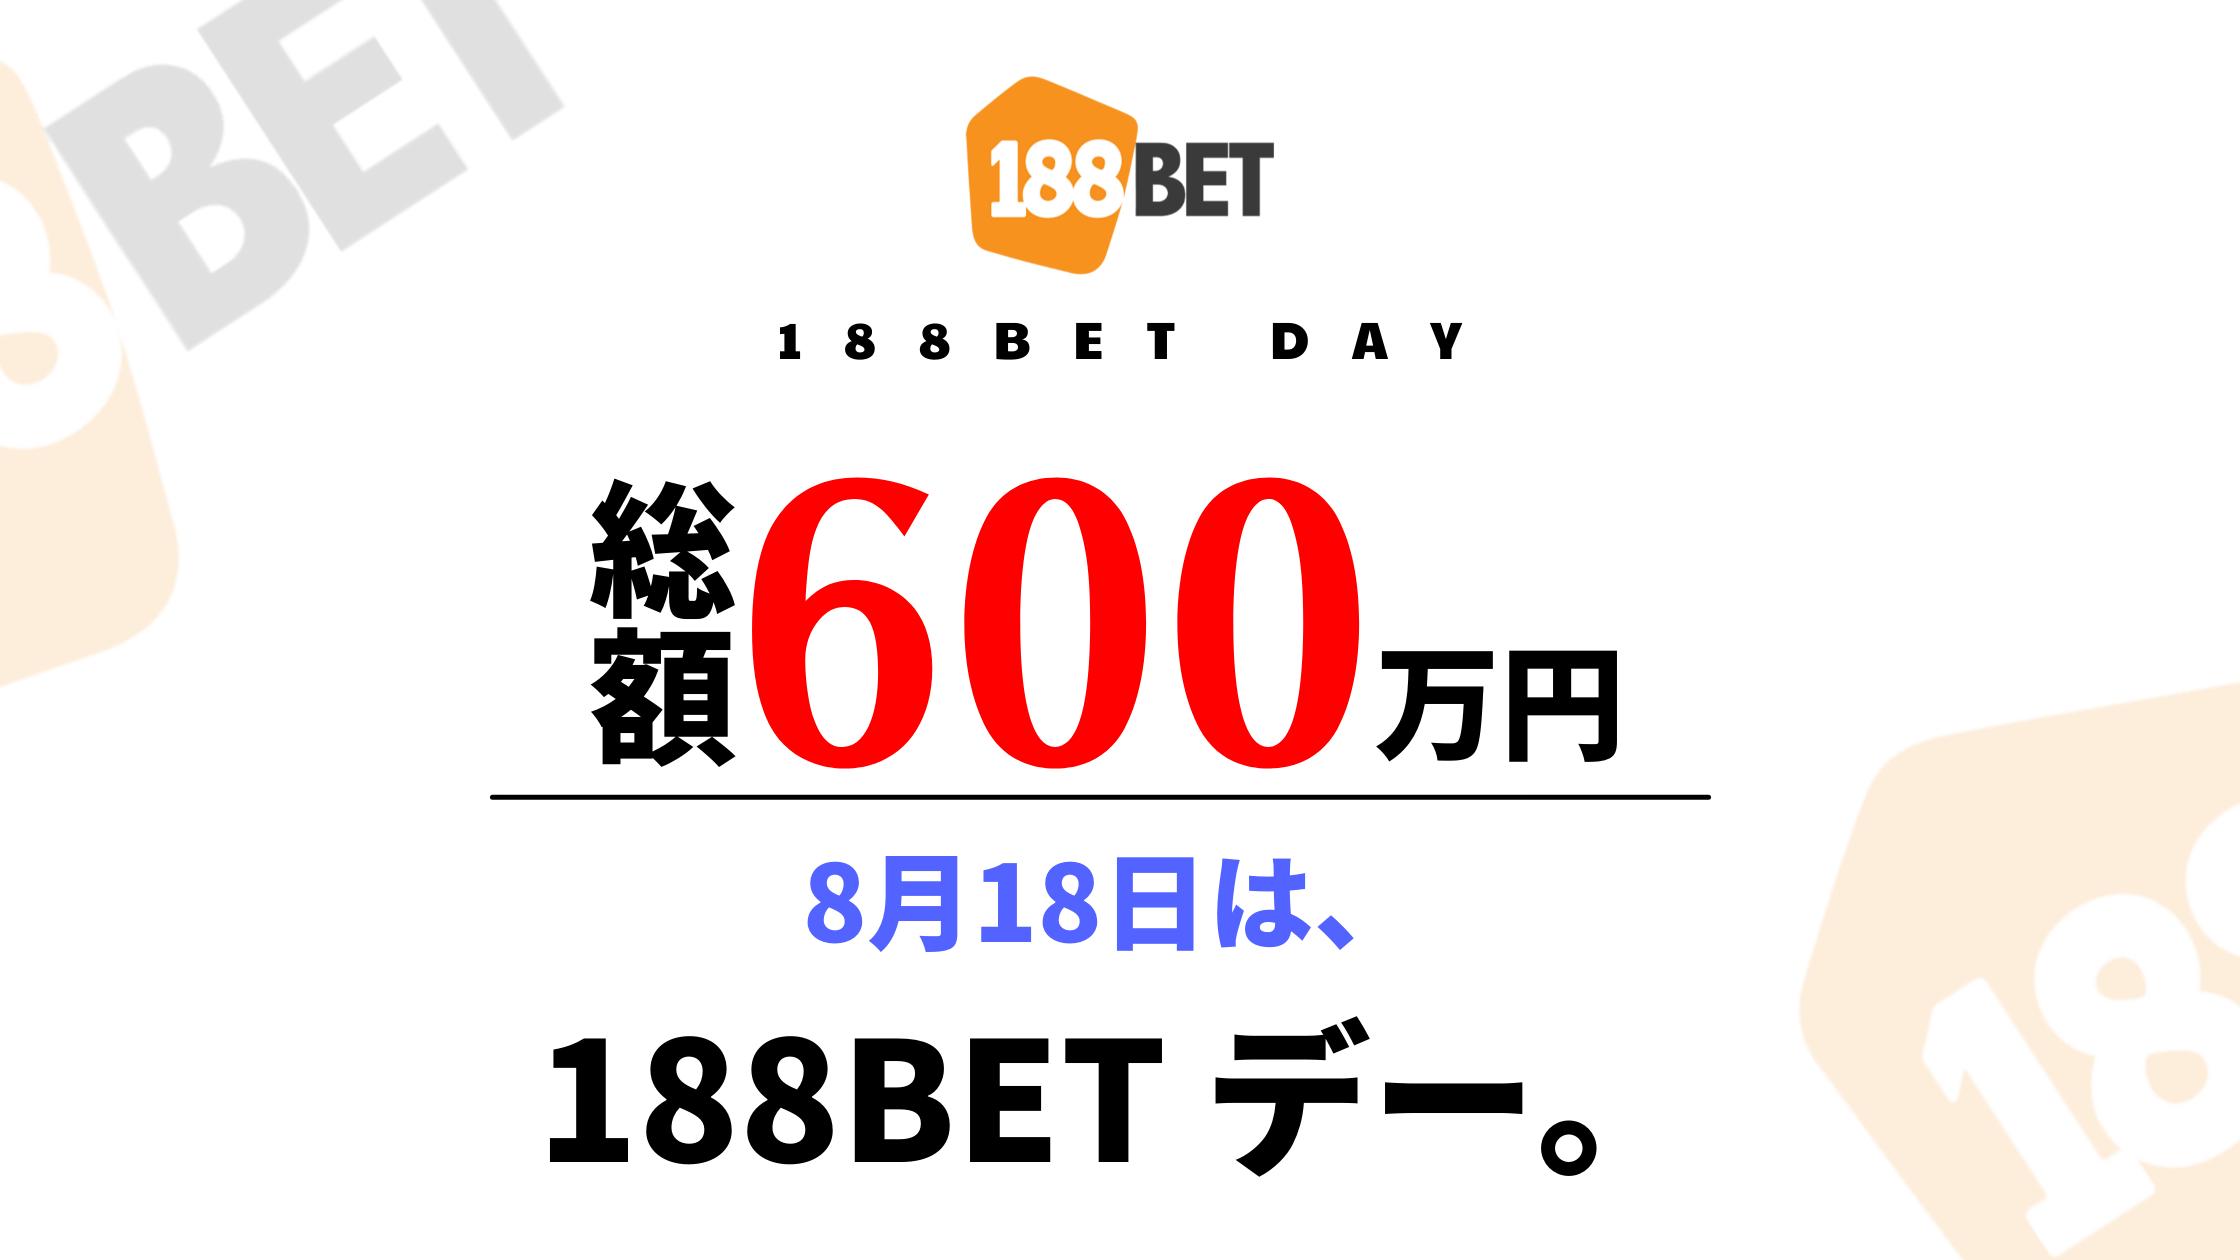 【188BET】総額600万円の特大プロモ開始です!!